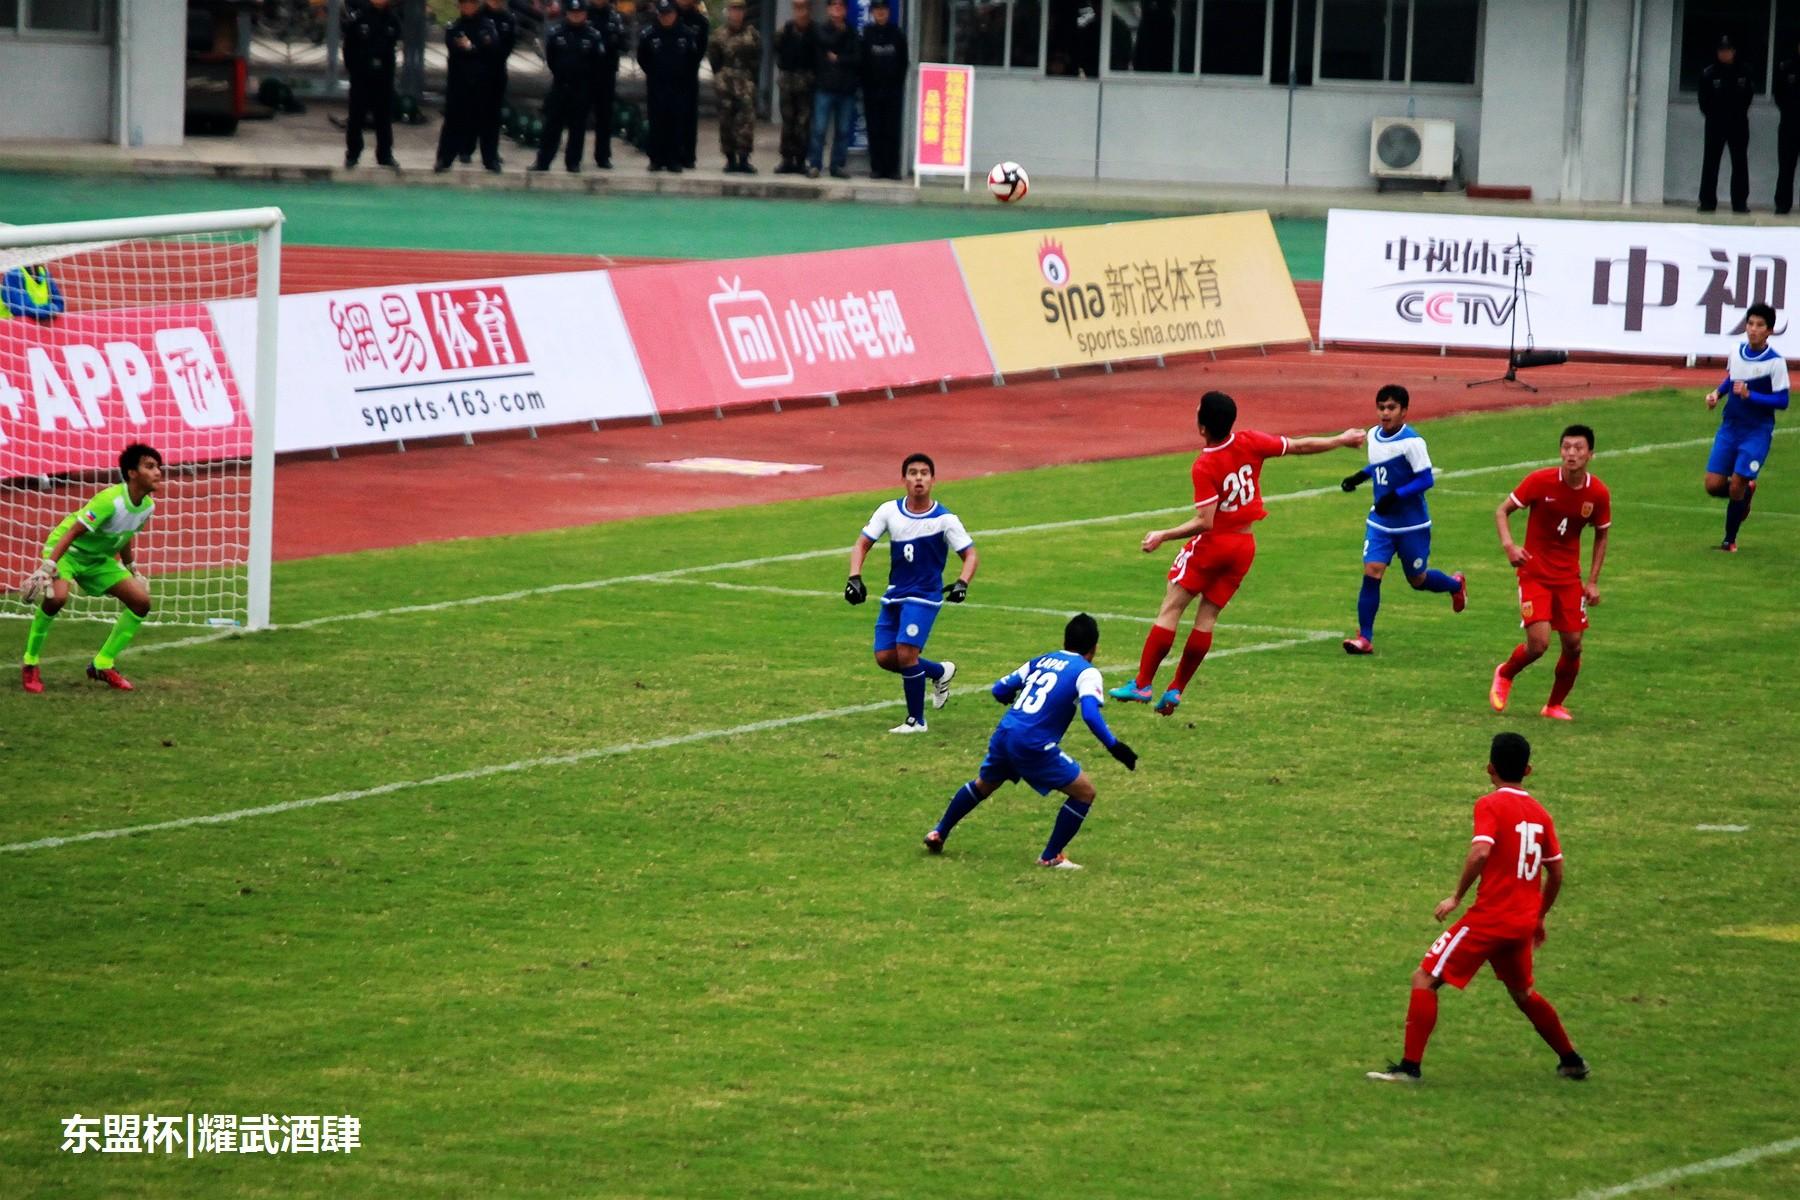 u19国青4-0匈牙利视频